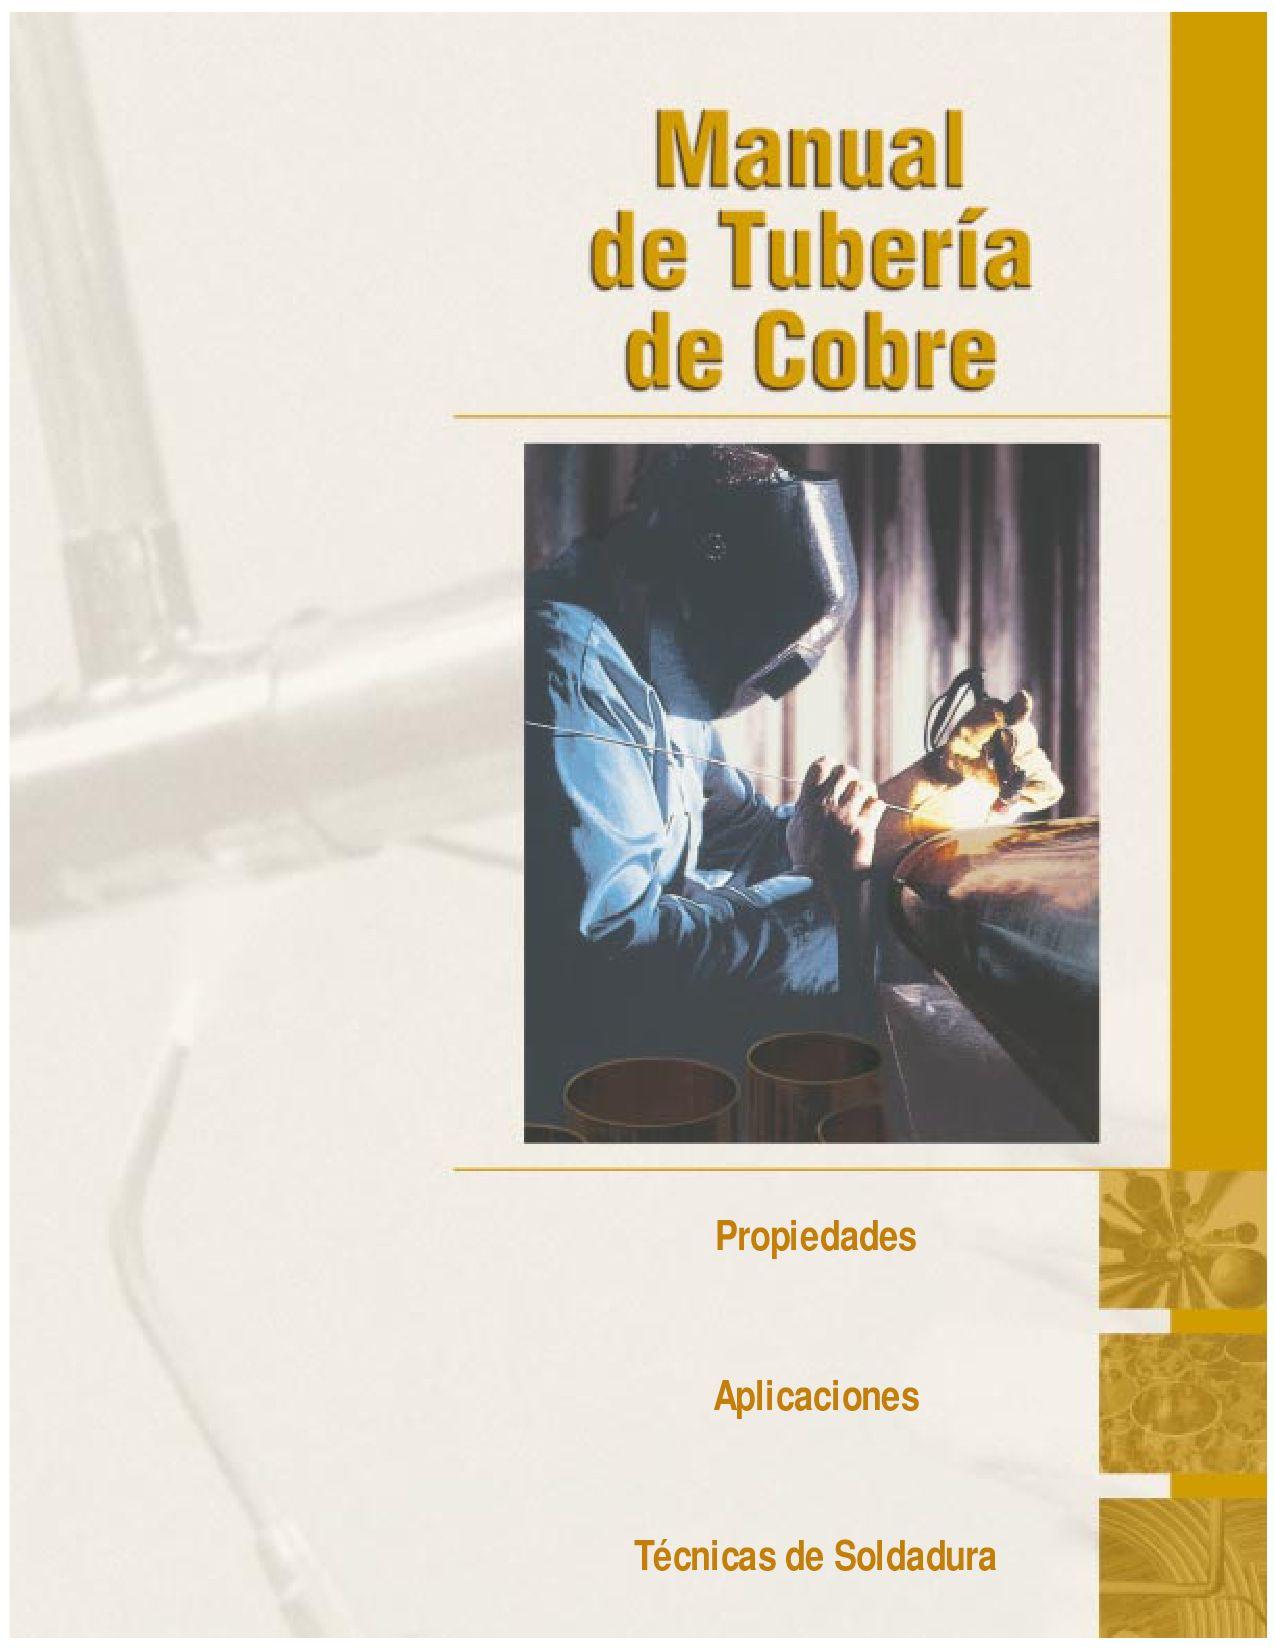 Manual de tuberias de cobre by gonzalo chong issuu - Tuberias de cobre ...